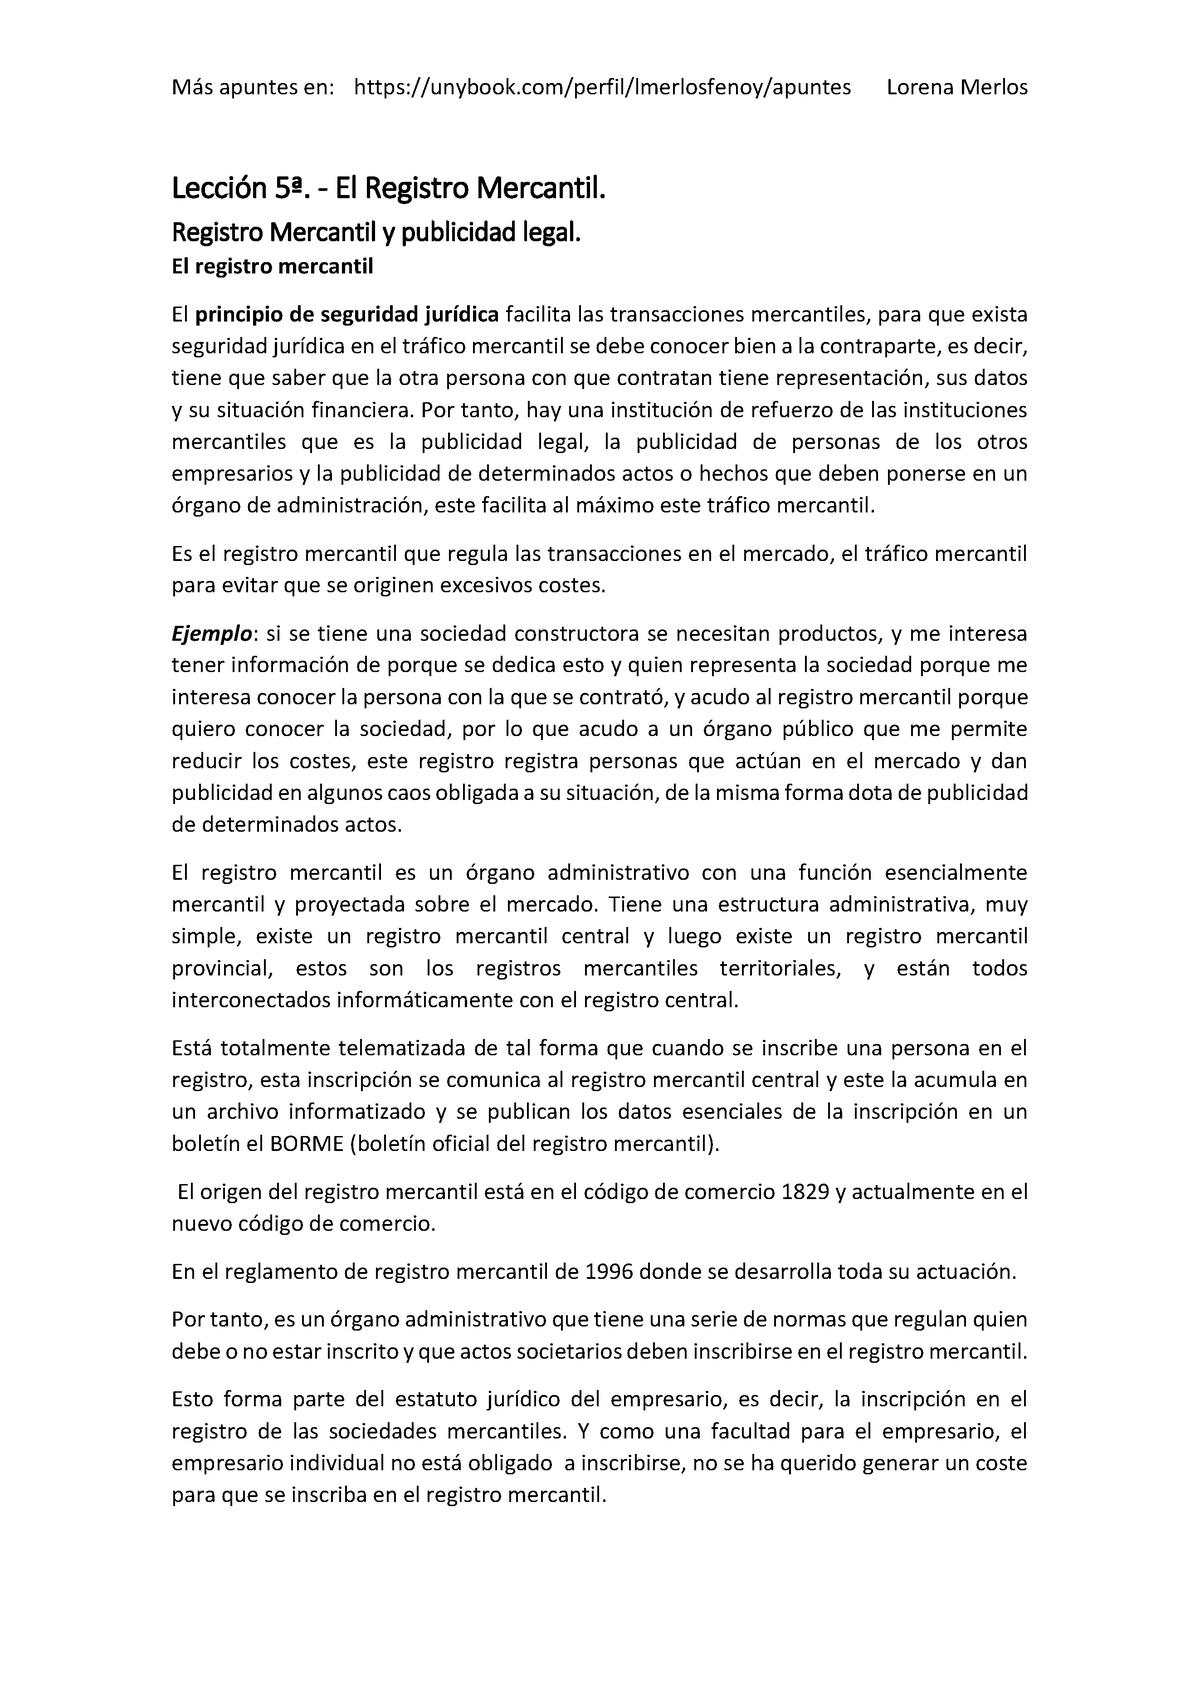 Leccion 5 El Registro Mercantil Derecho De Empresa Ub